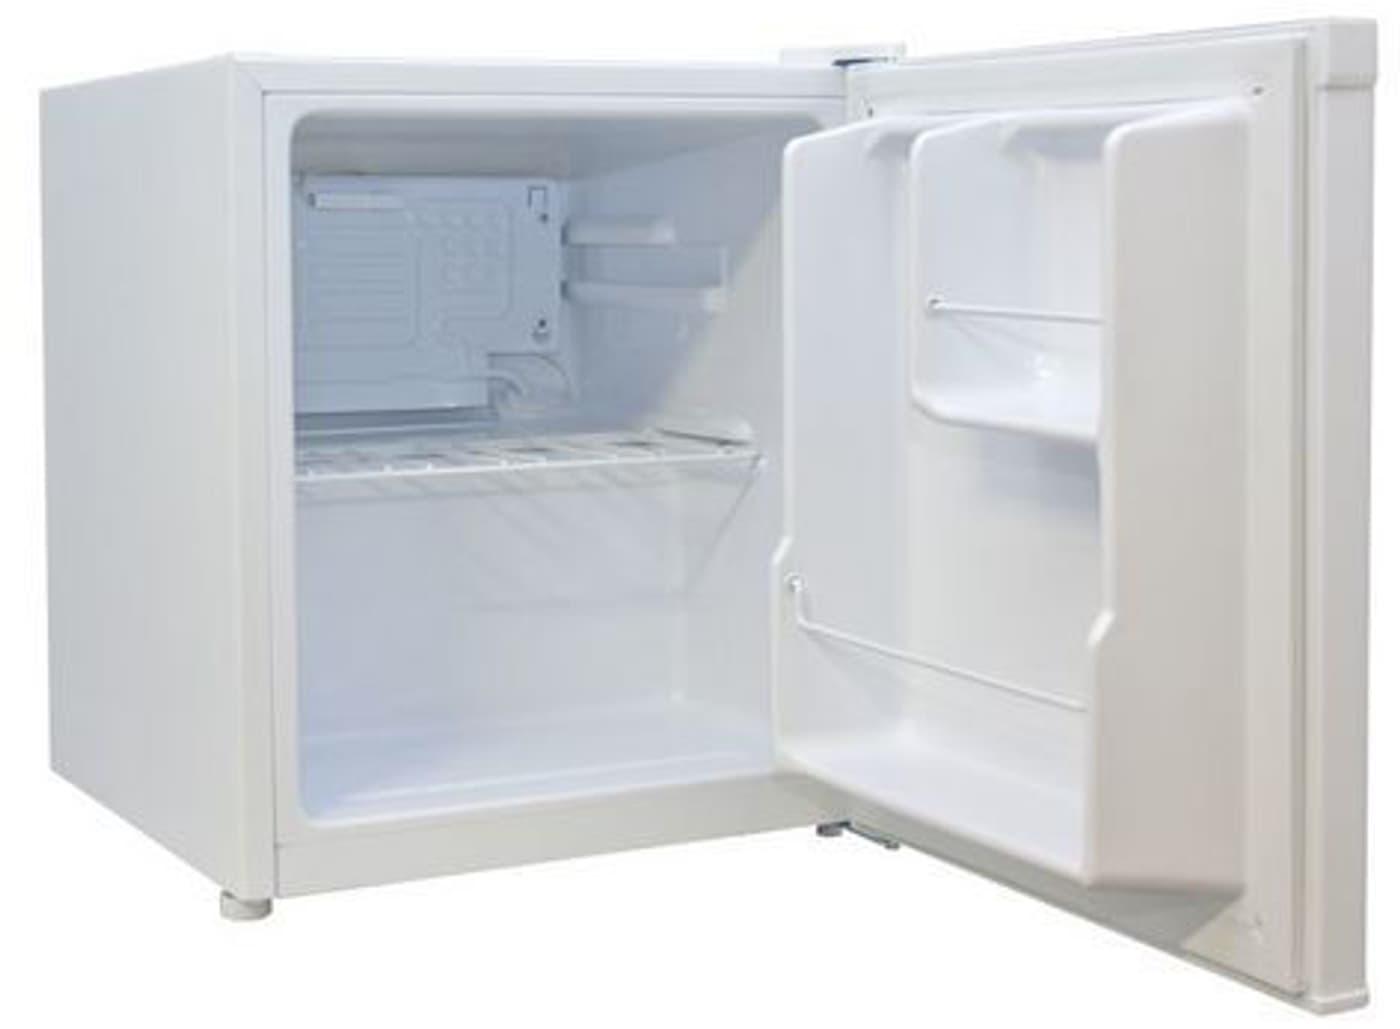 Mini Kühlschrank Migros : Kibernetik ks l kühlschrank migros